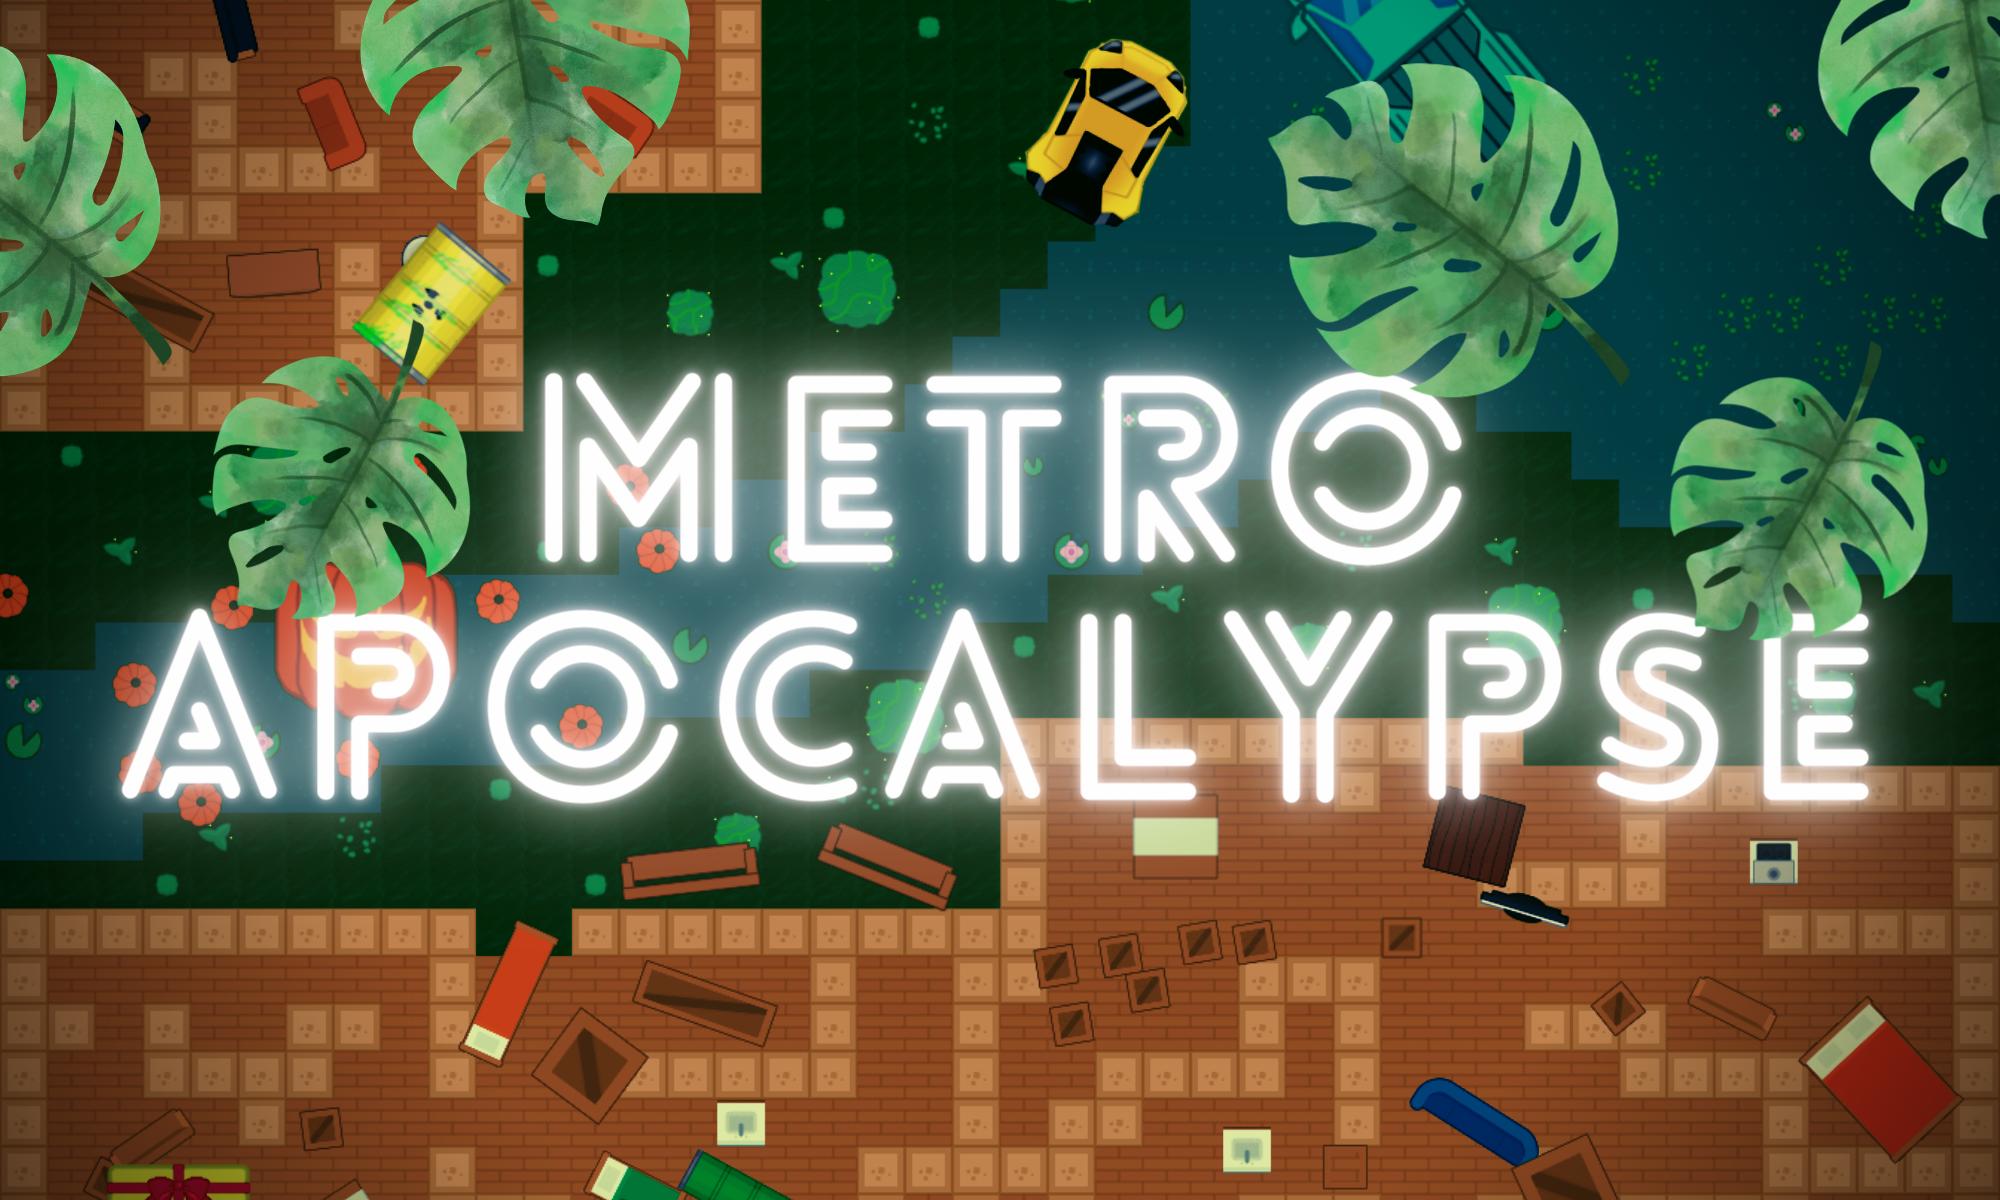 (NEW) Metro Apocalypse